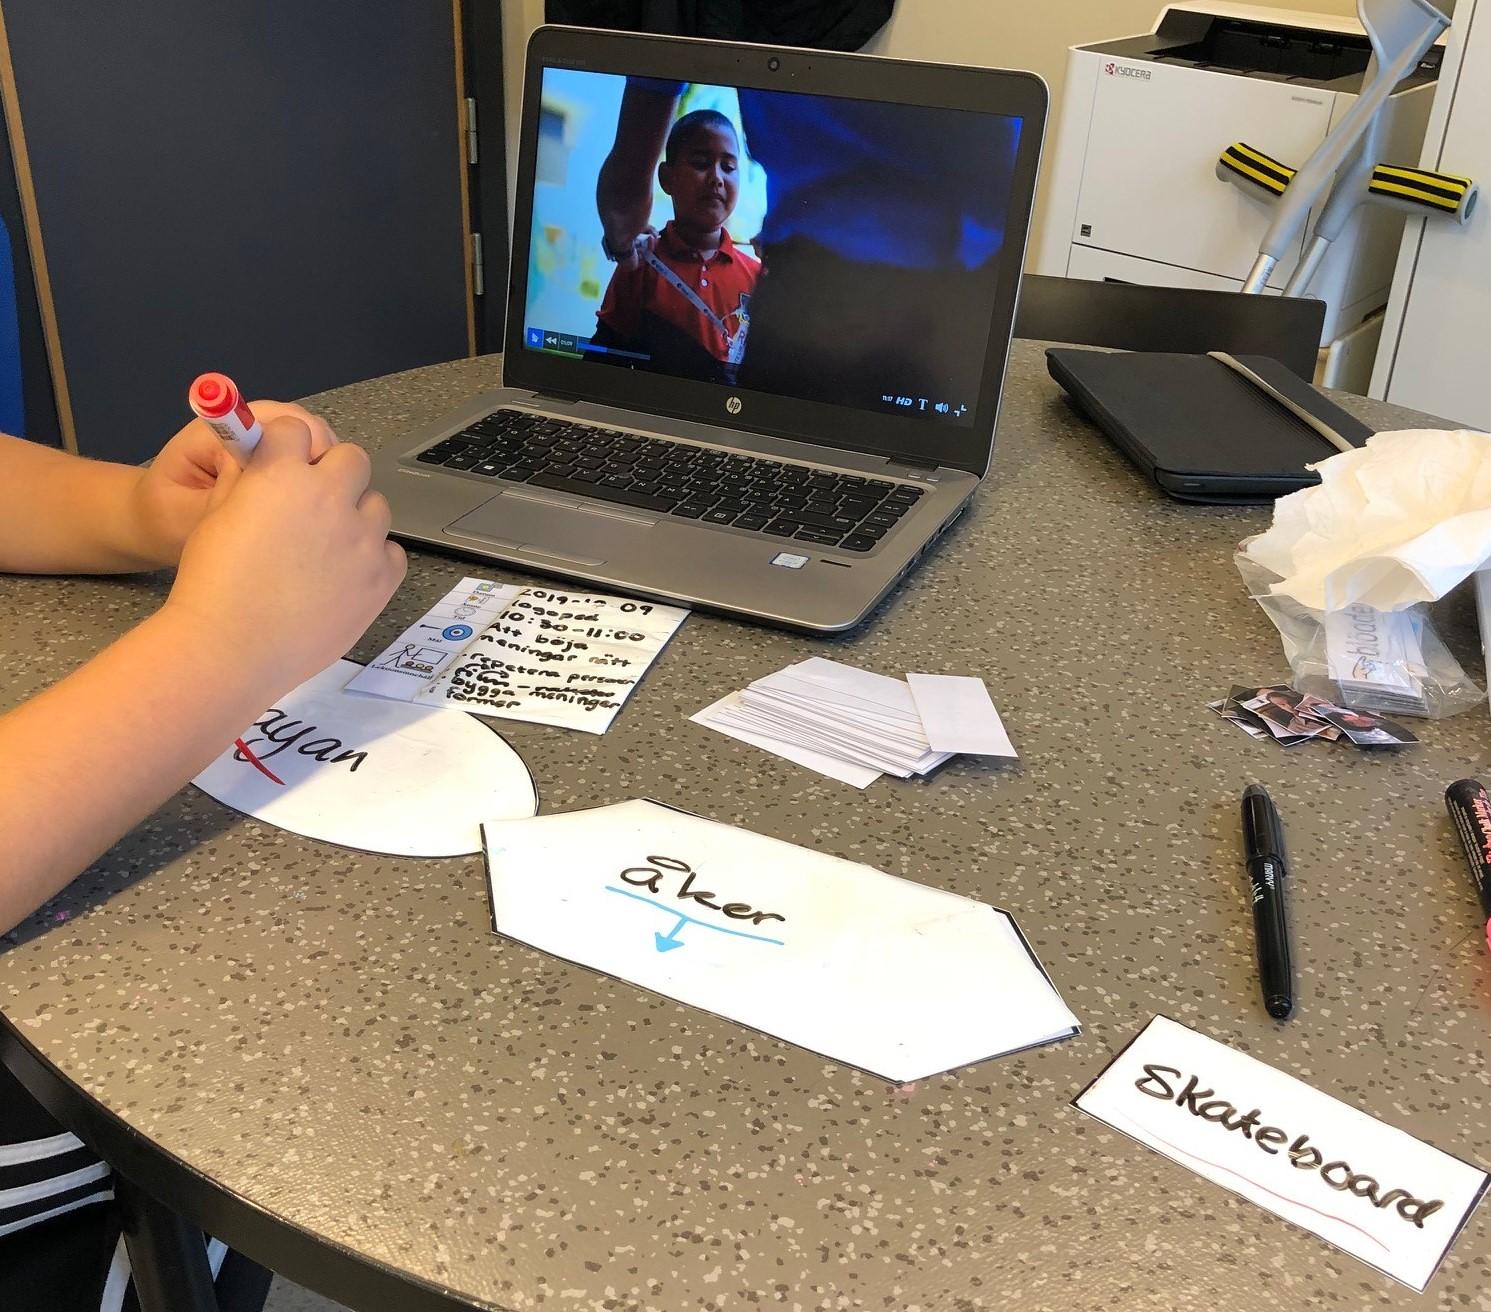 Uppslagen dator där ett barn sitter och tittar med skrivna lappar framför sig.